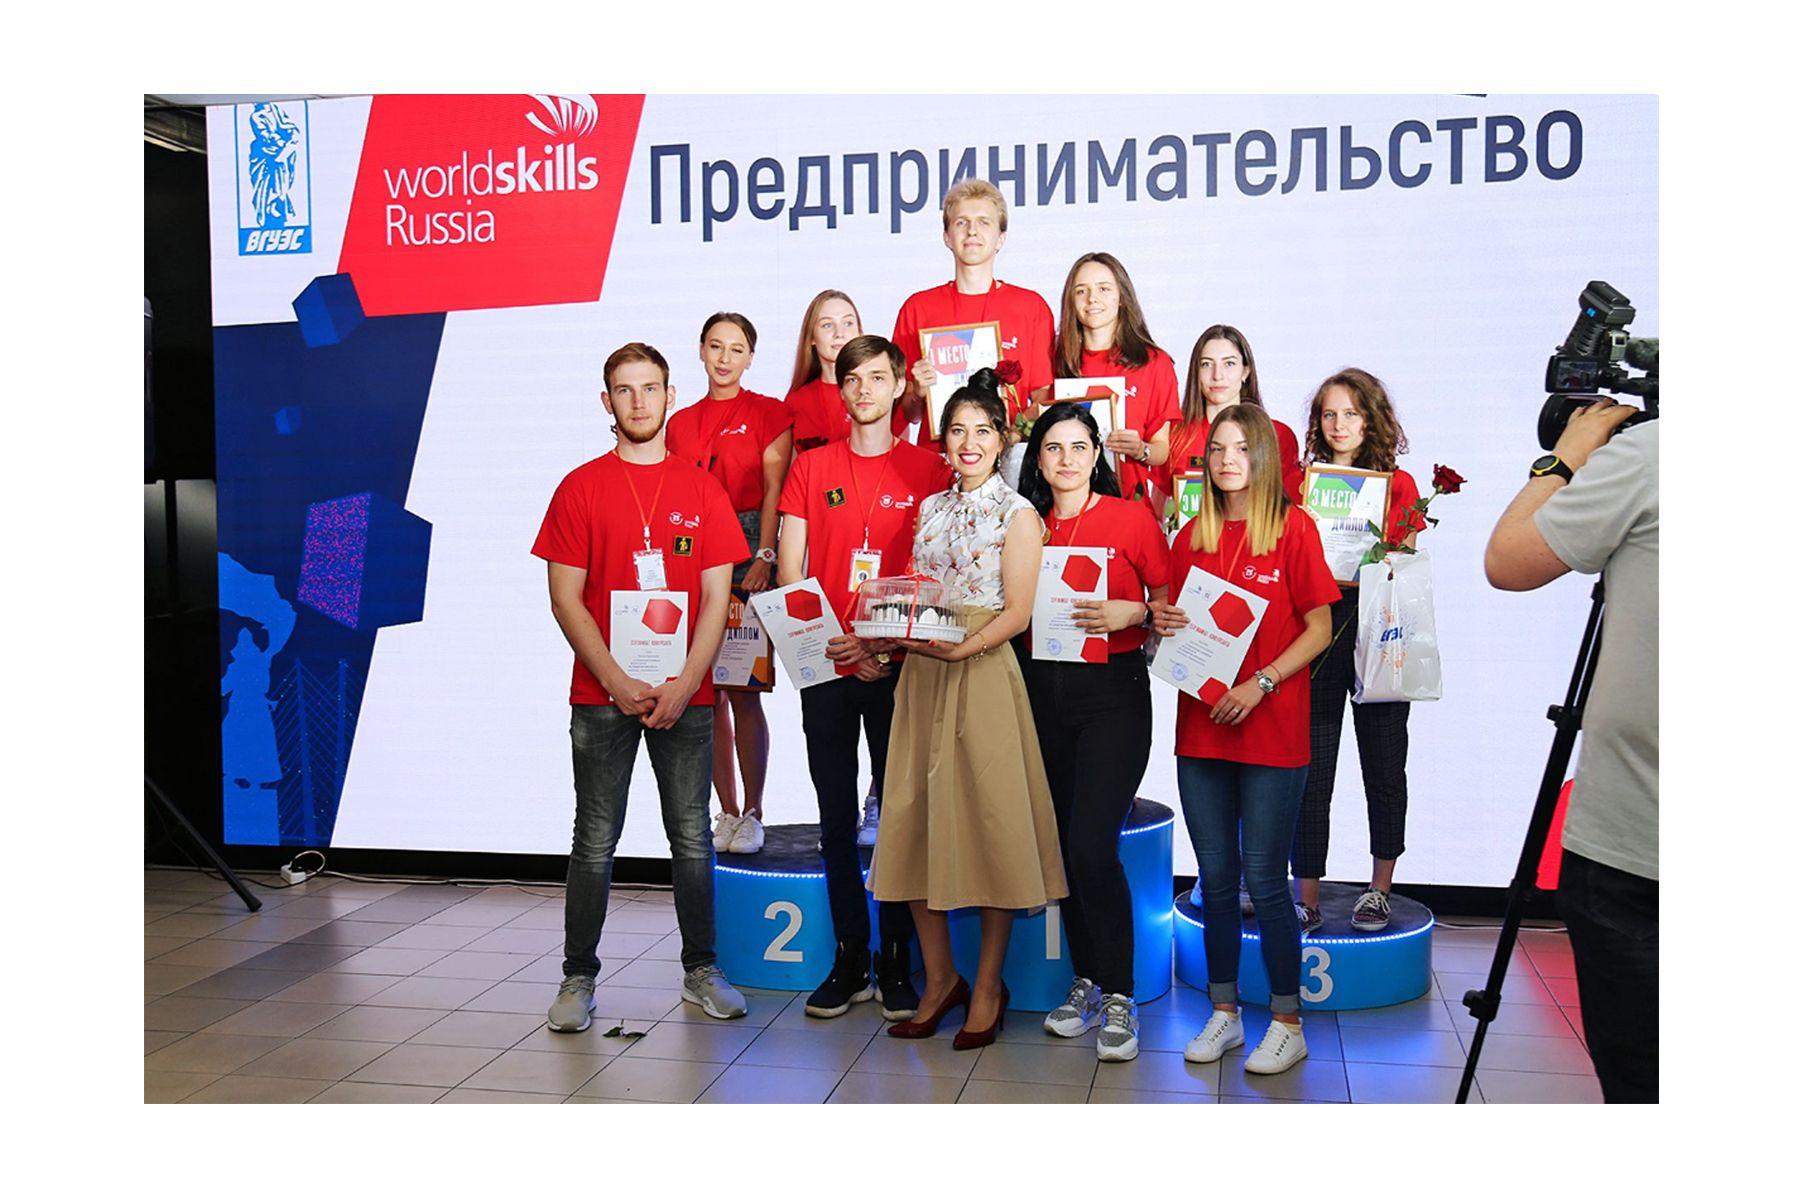 Демоэкзамен по стандартам Worldskills Russia по компетенции «Предпринимательство» подтвердил профессиональную подготовку студентов ВГУЭС